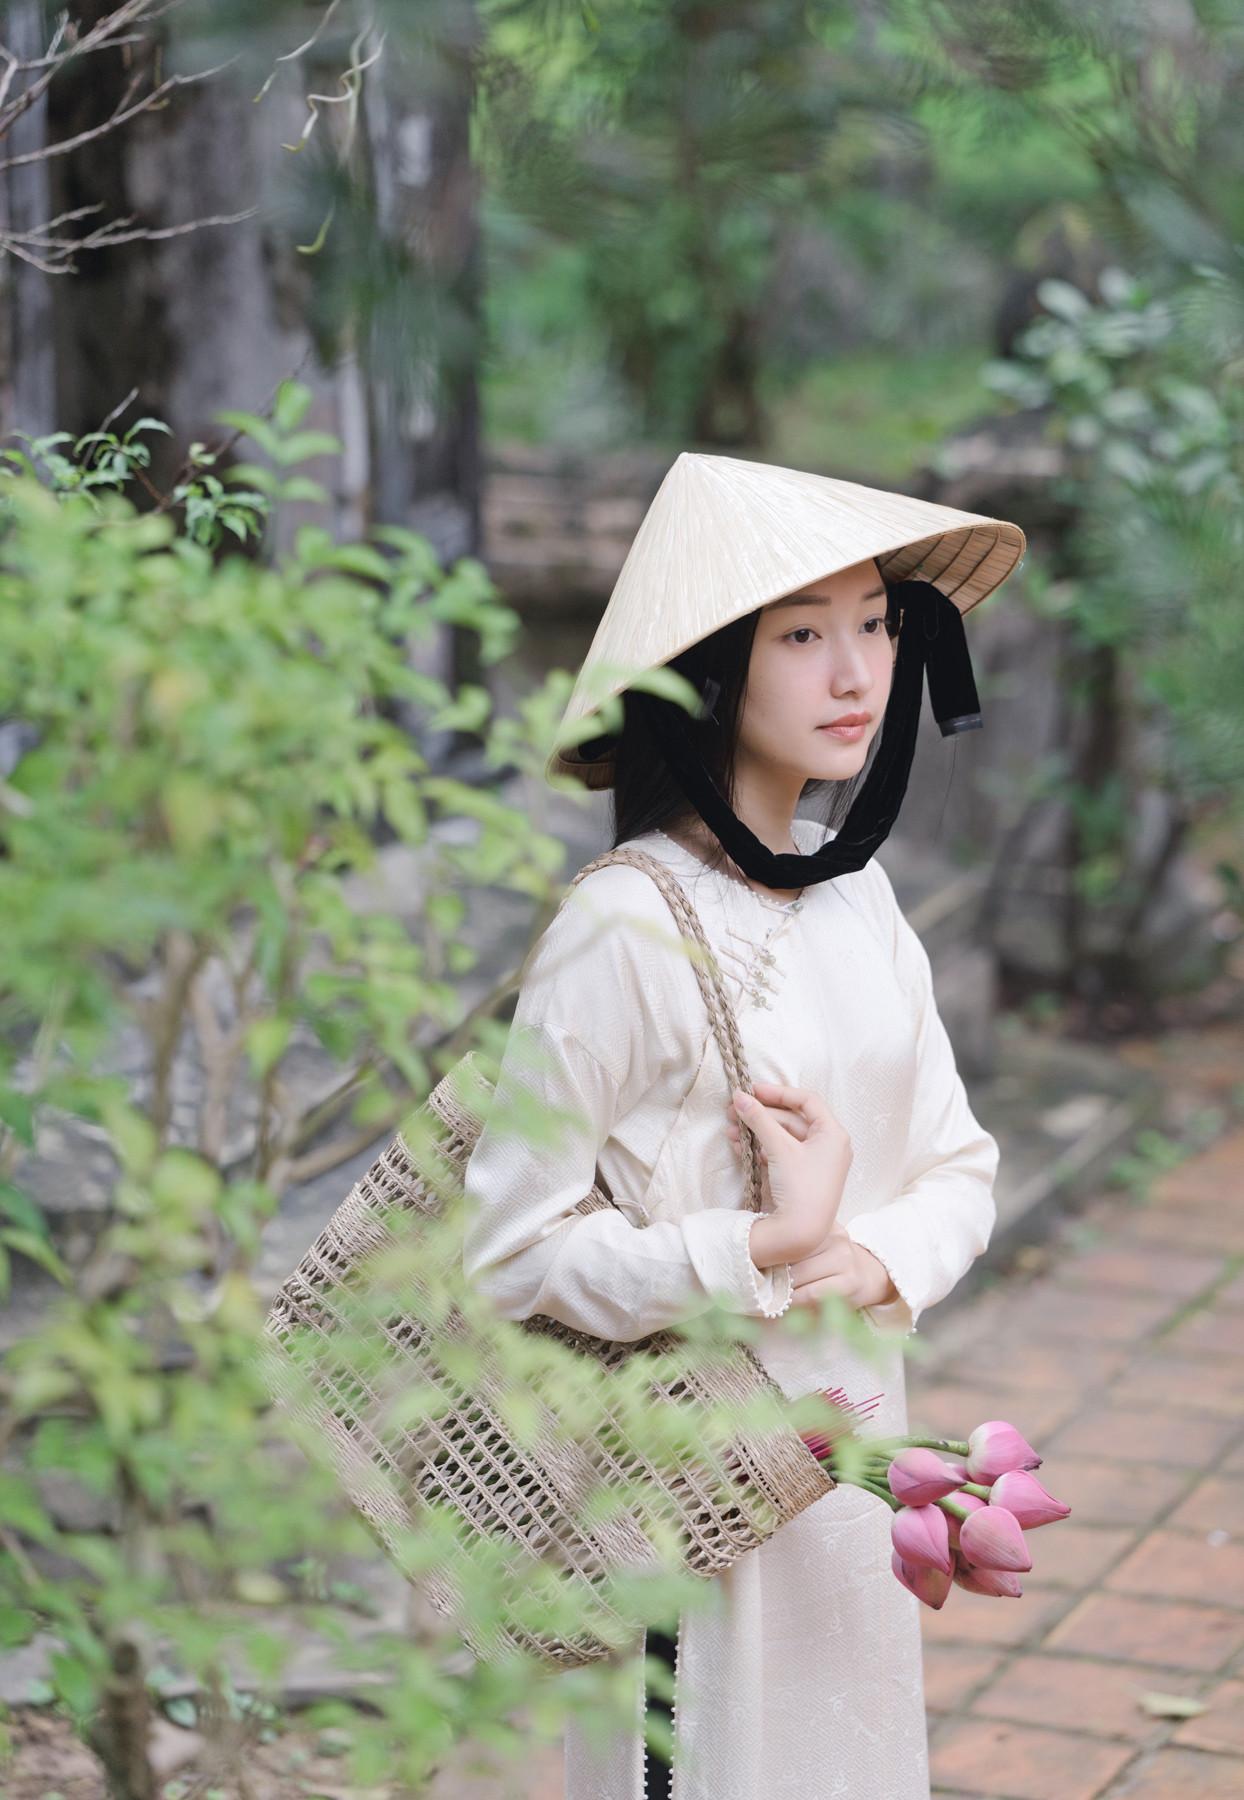 Nữ ca sĩ, diễn viên Ham Eun-jung (T-ara) đồng hành cùng Nàng thơ xứ Huế Ngọc Trân quảng bá du lịch Huế, Việt Nam